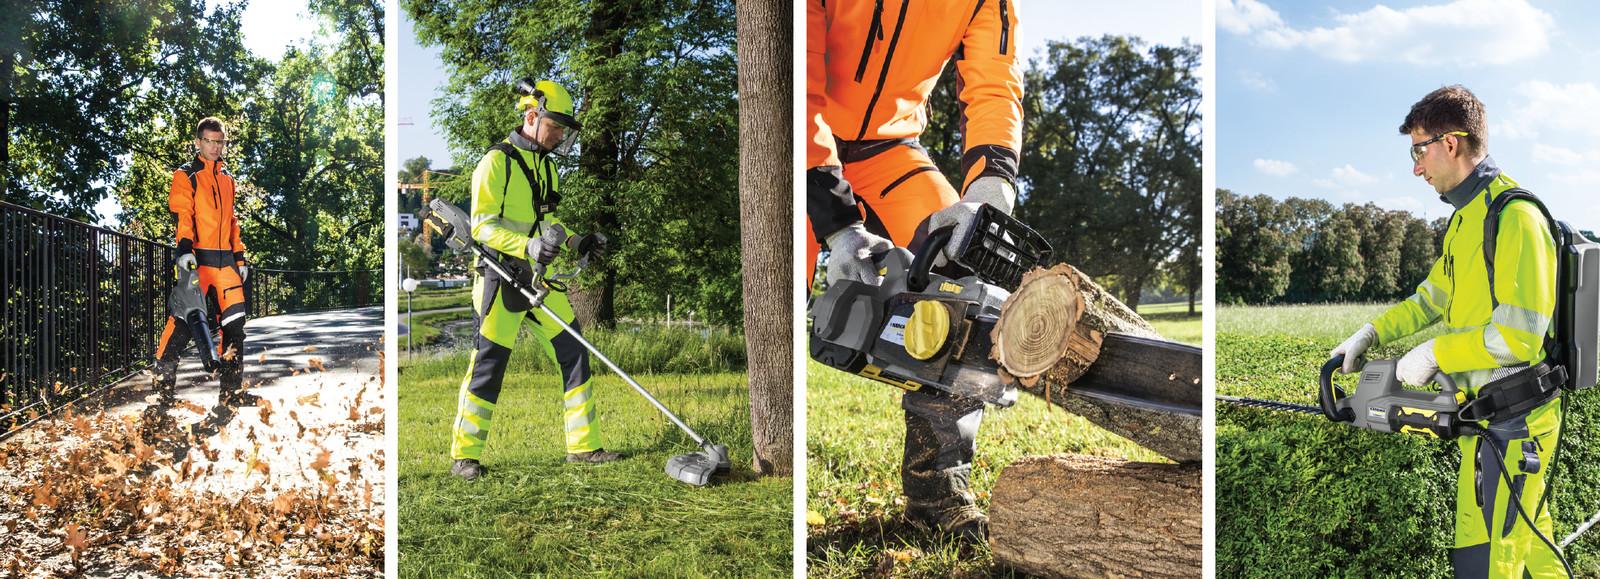 Впечатляющие выносливость, производительность, экологичность — новые аккумуляторные инструменты от Kärcher